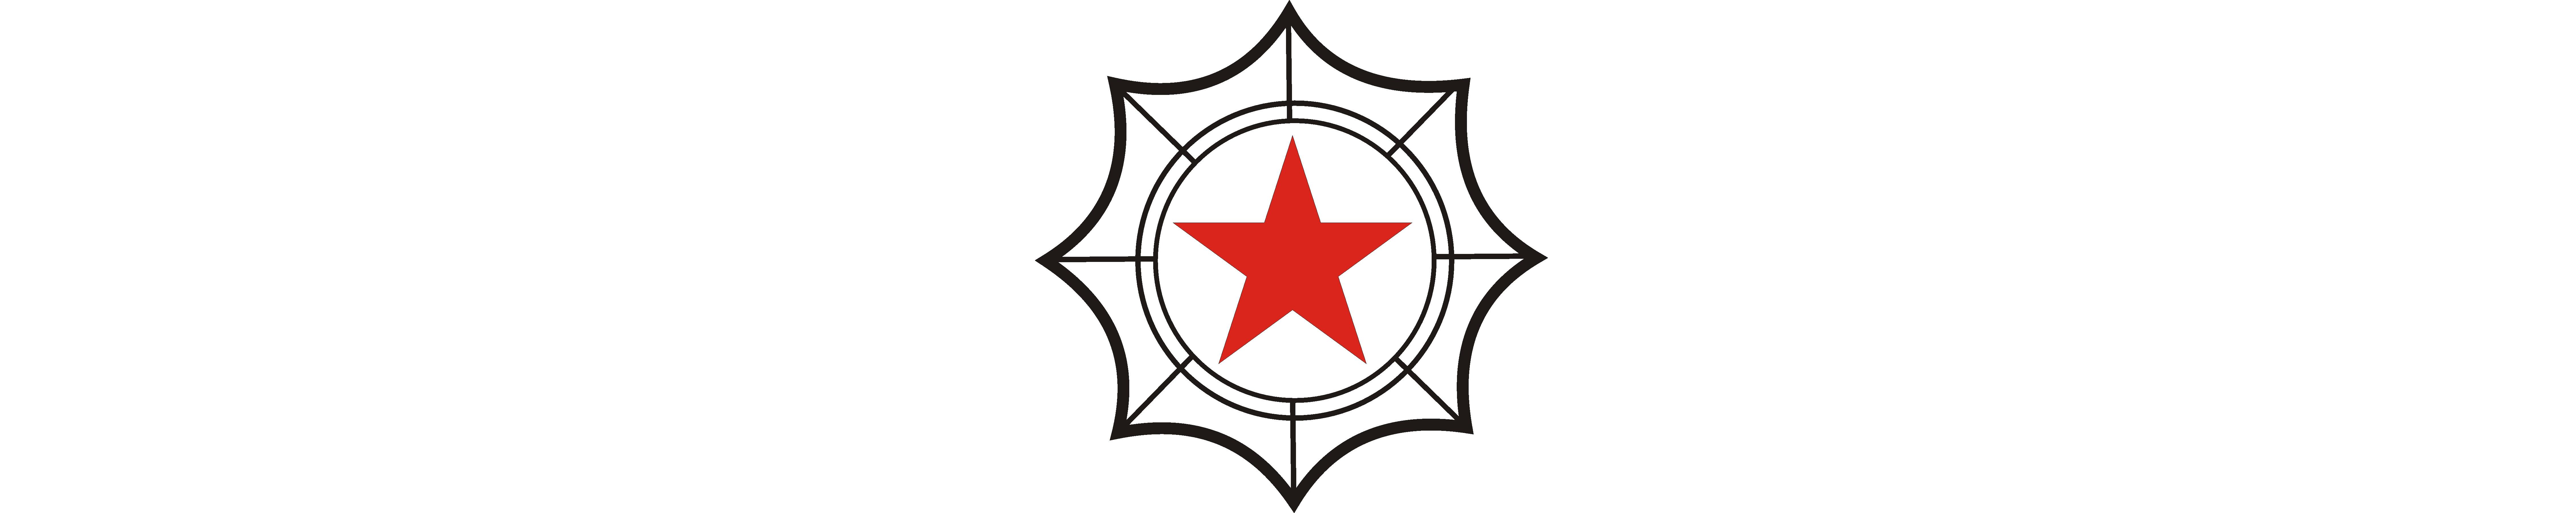 Эмблема АОКРЮ белая